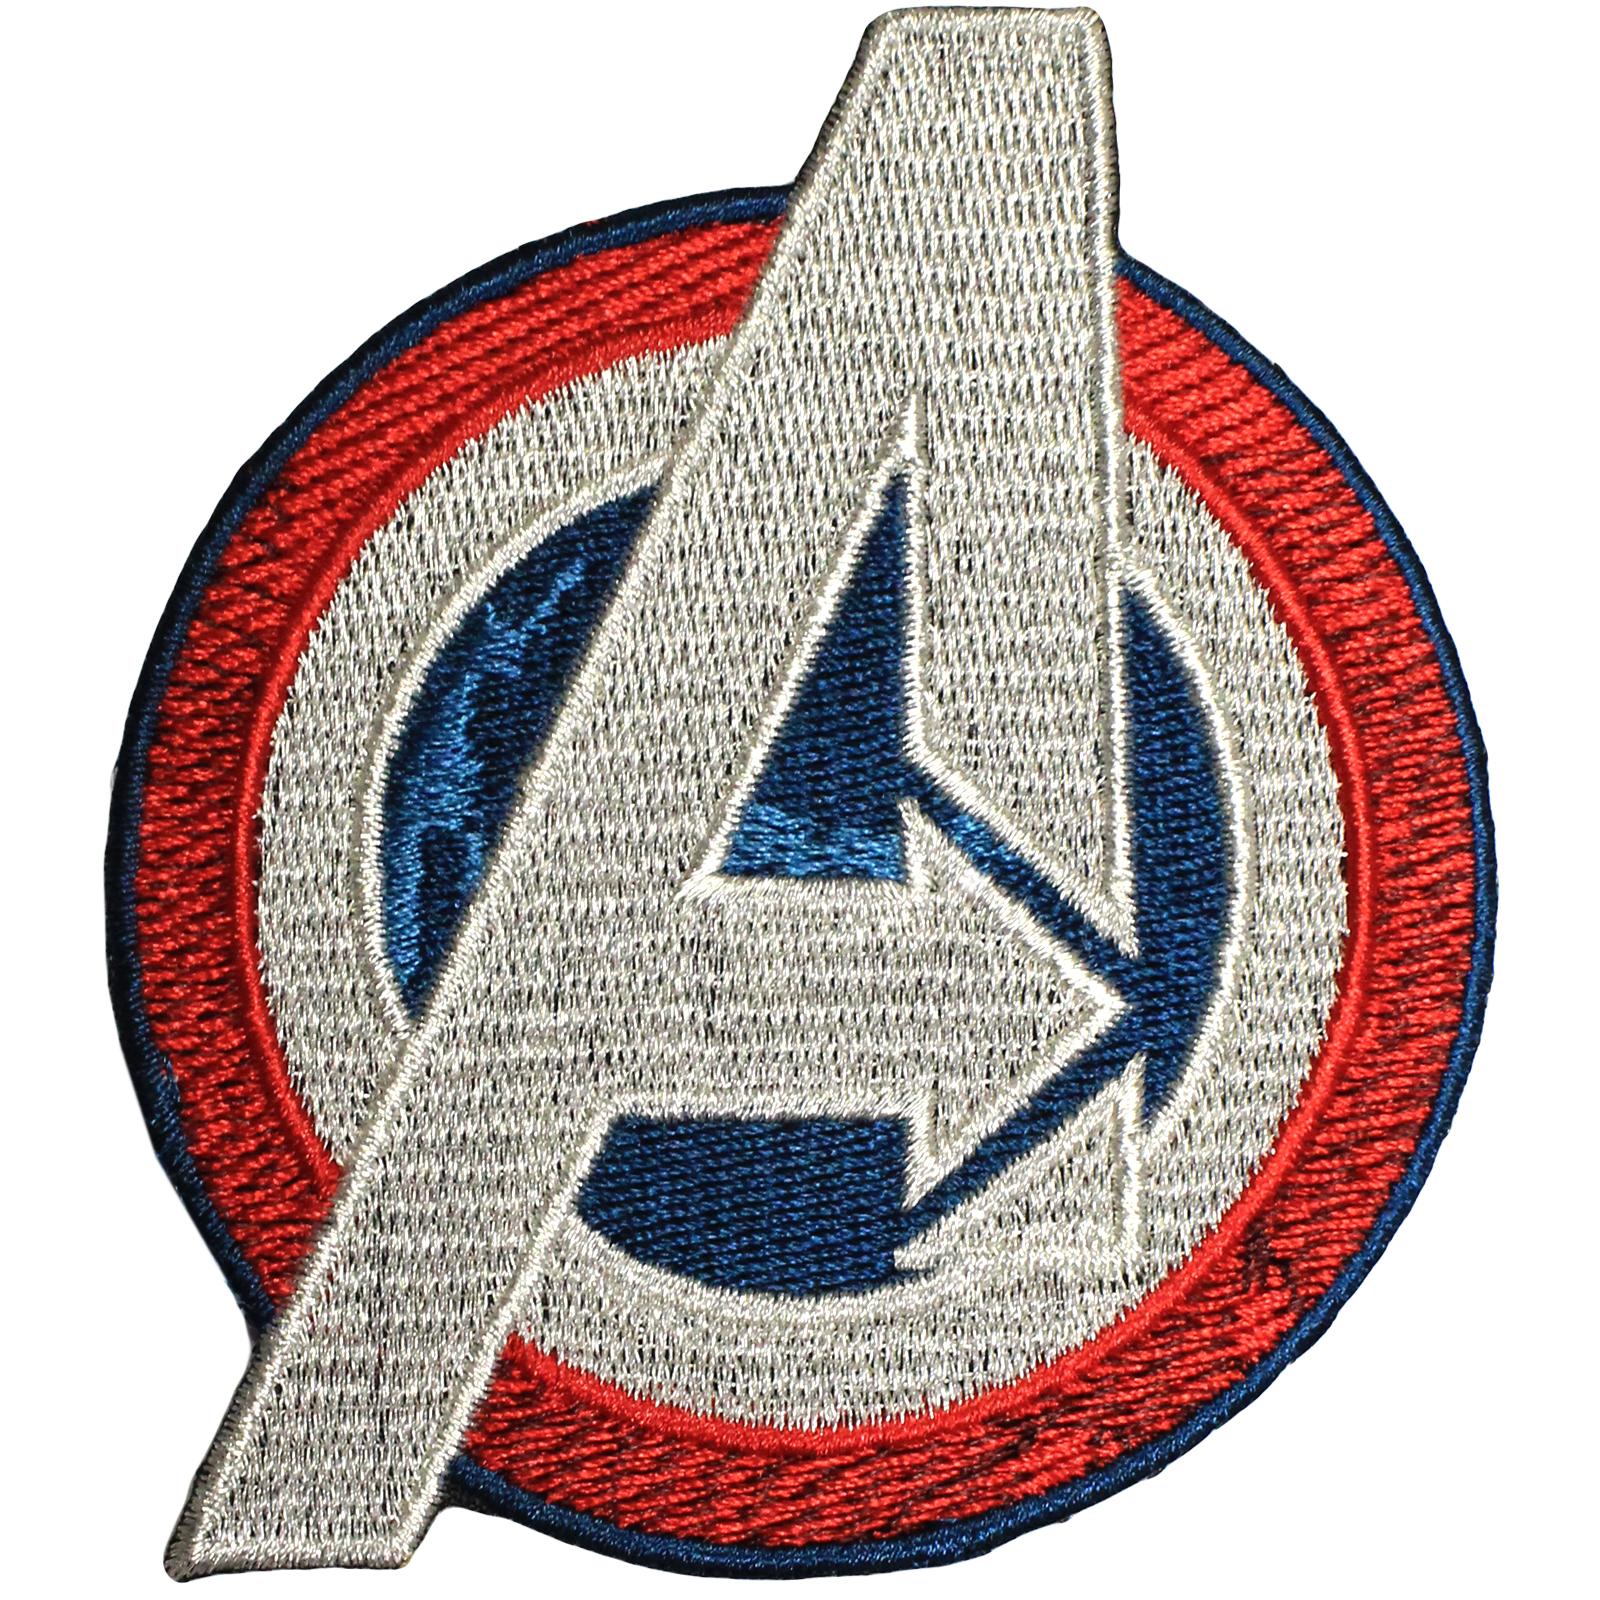 Details about Marvel Comics Universe Avengers Classic \'A\' Logo Iron on  Applique Patch.